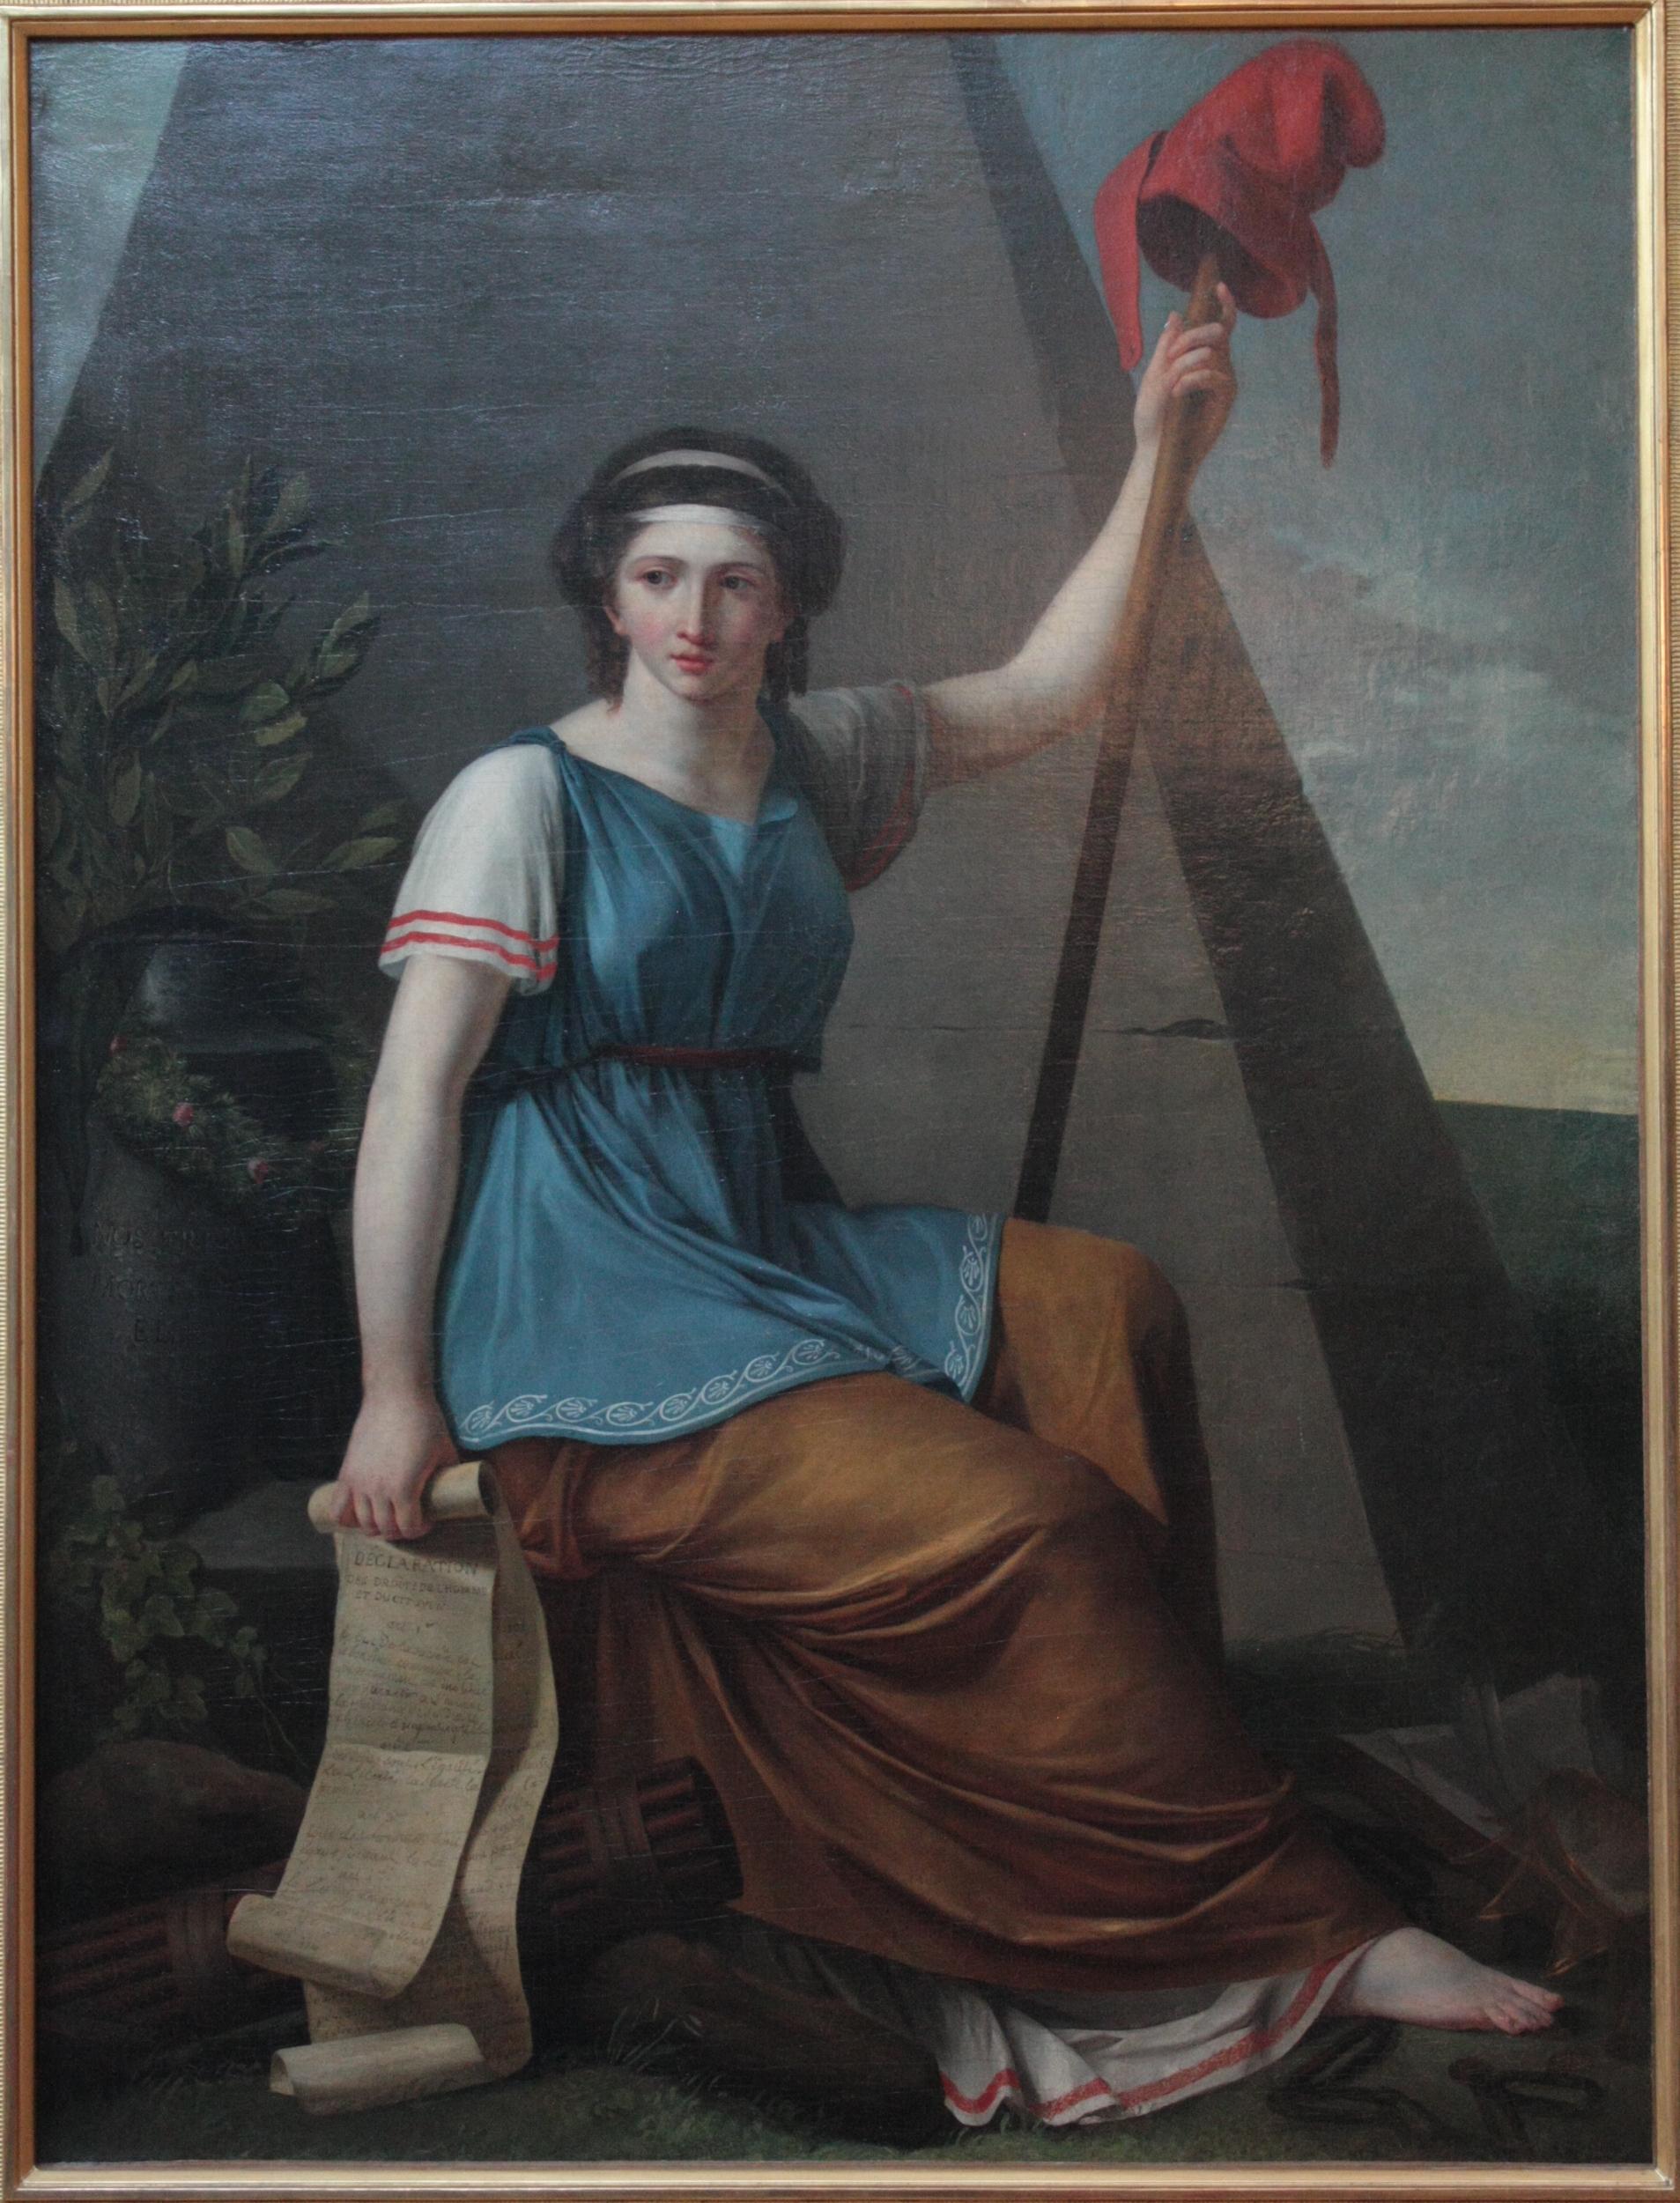 Nanine Vallain, La liberté, 1794, Musée du Louvre